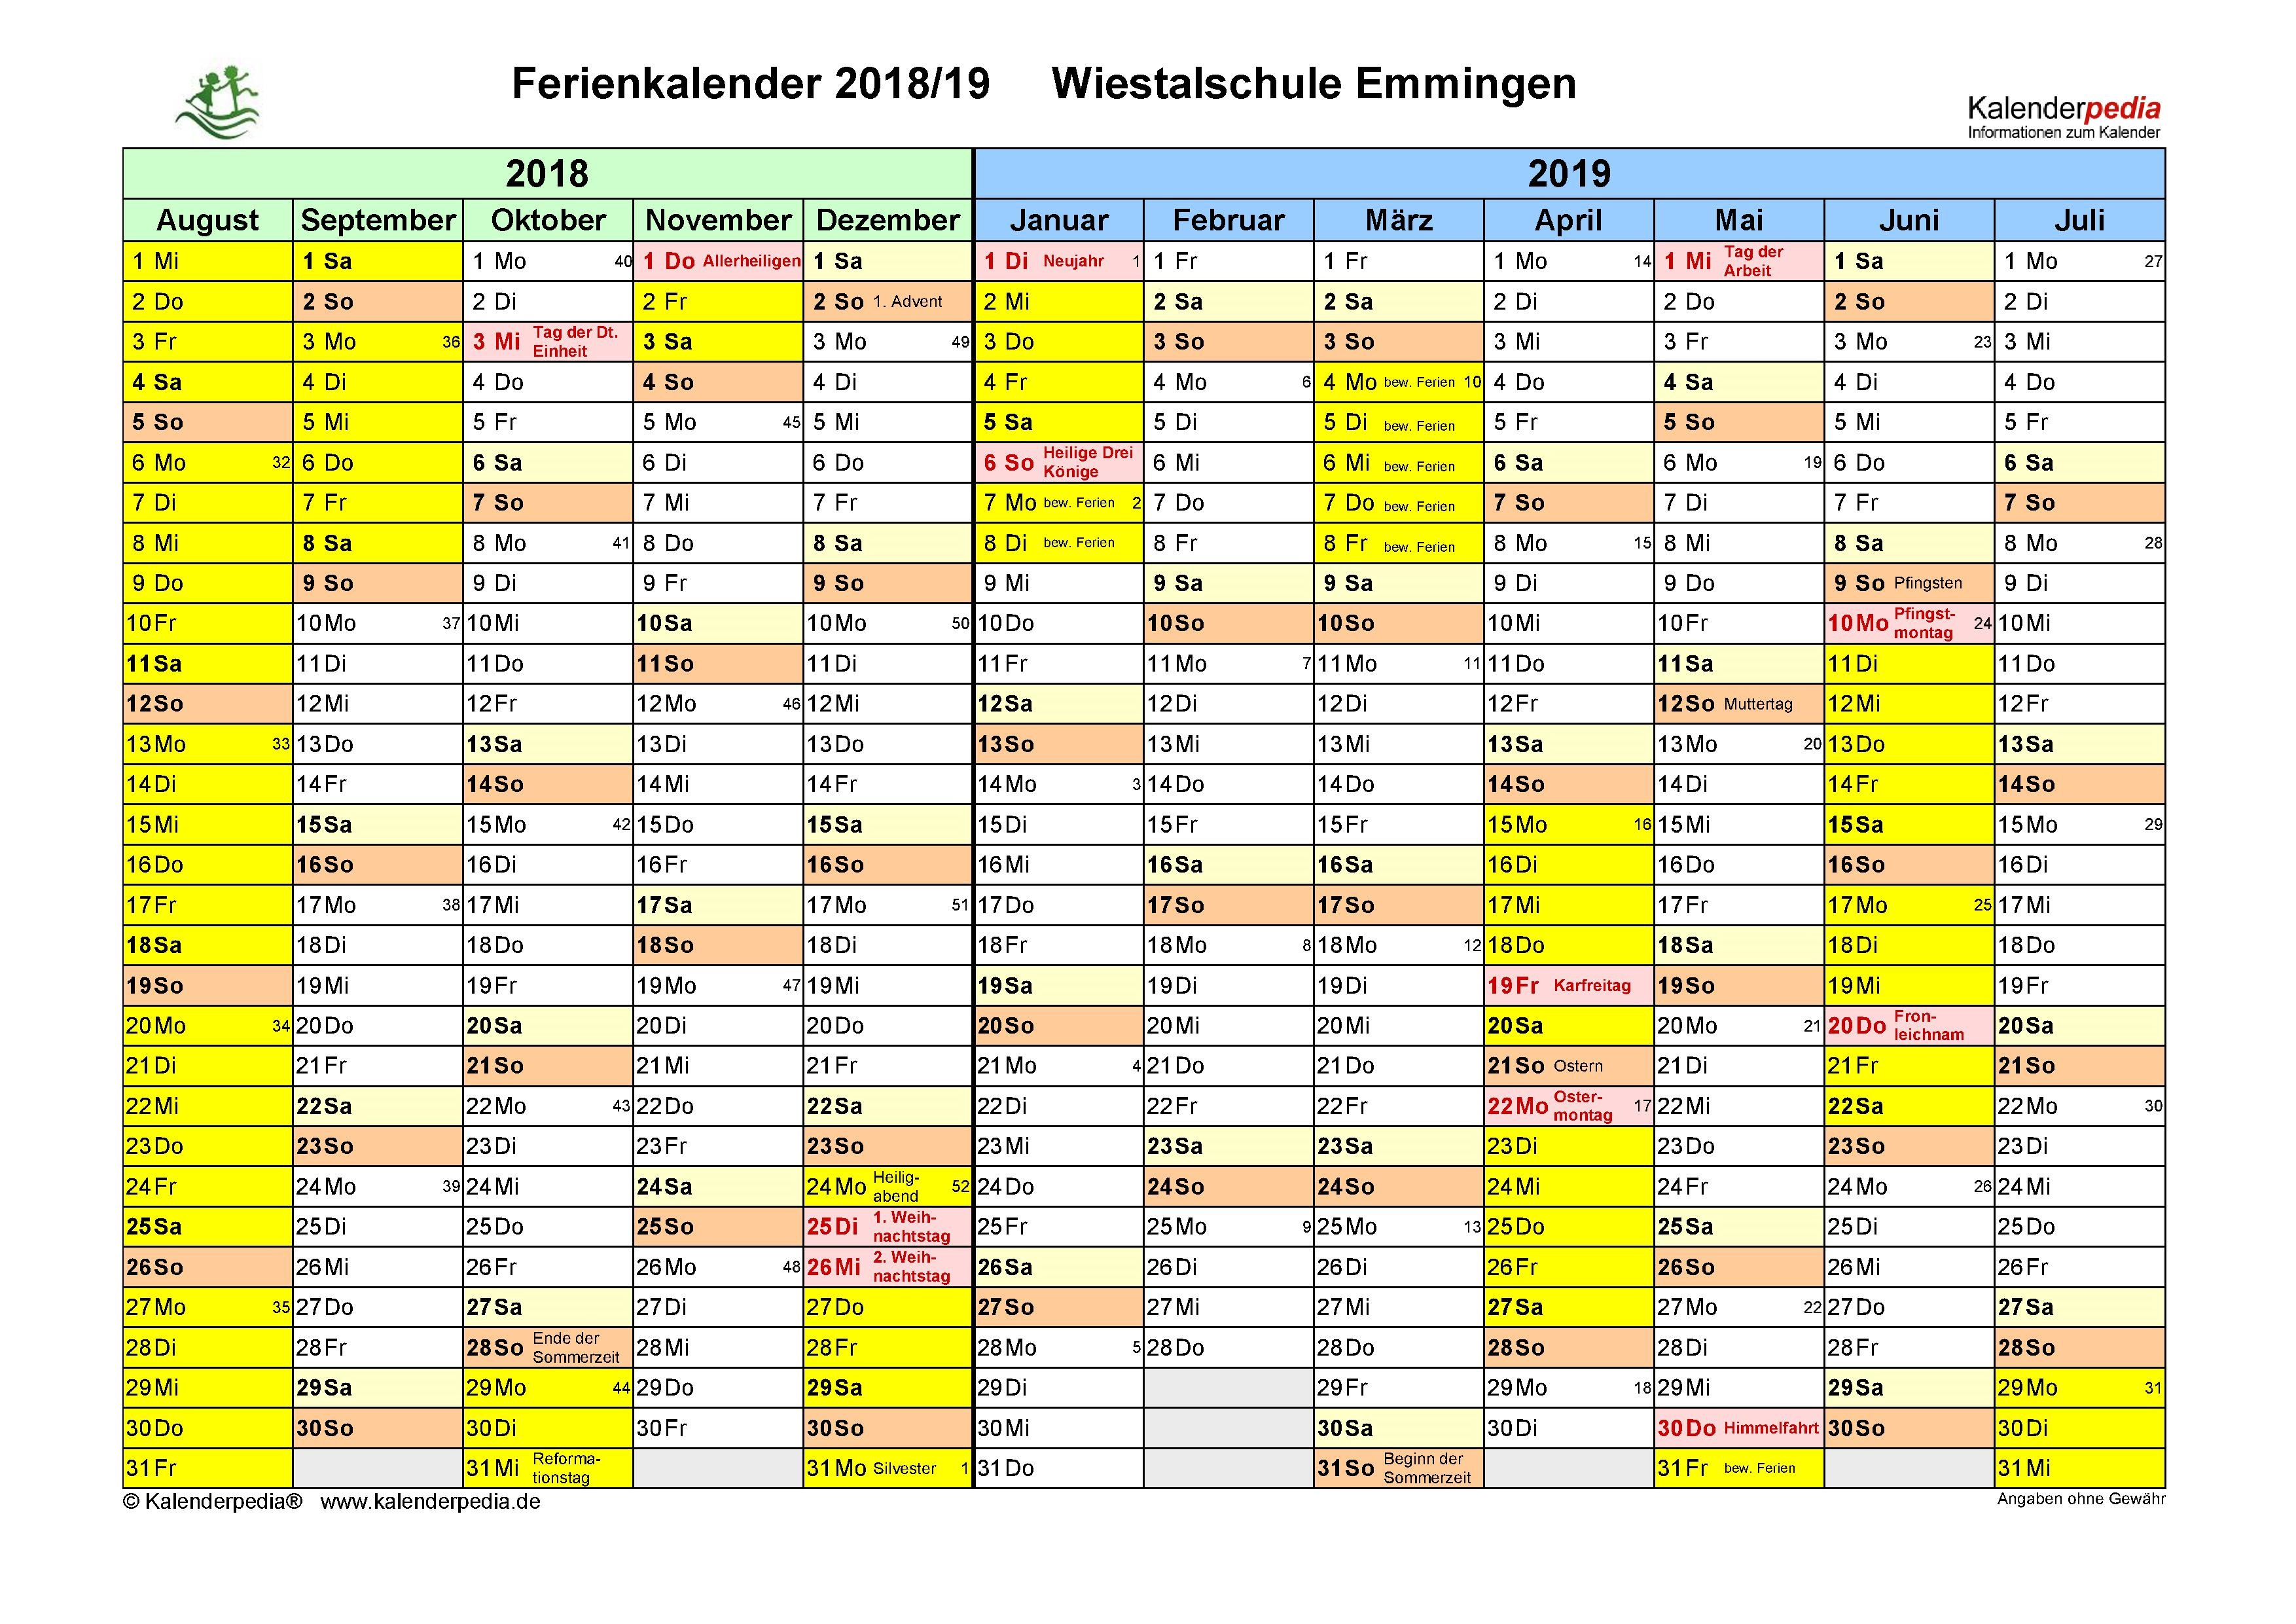 Ferienplan 2018-2019 Wiestalschule